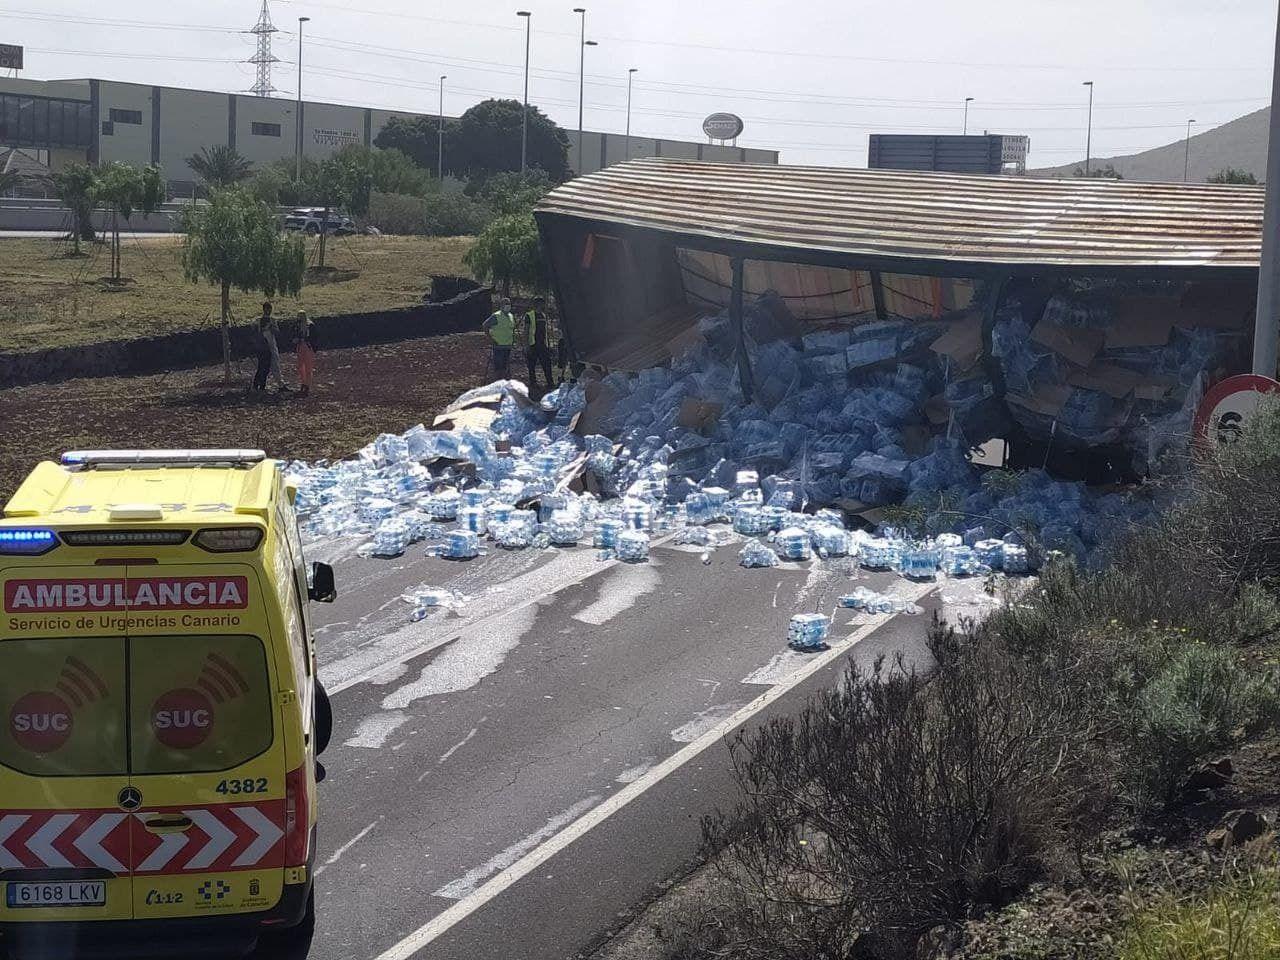 Aparatoso vuelco de un camión con botellas de agua en Tenerife